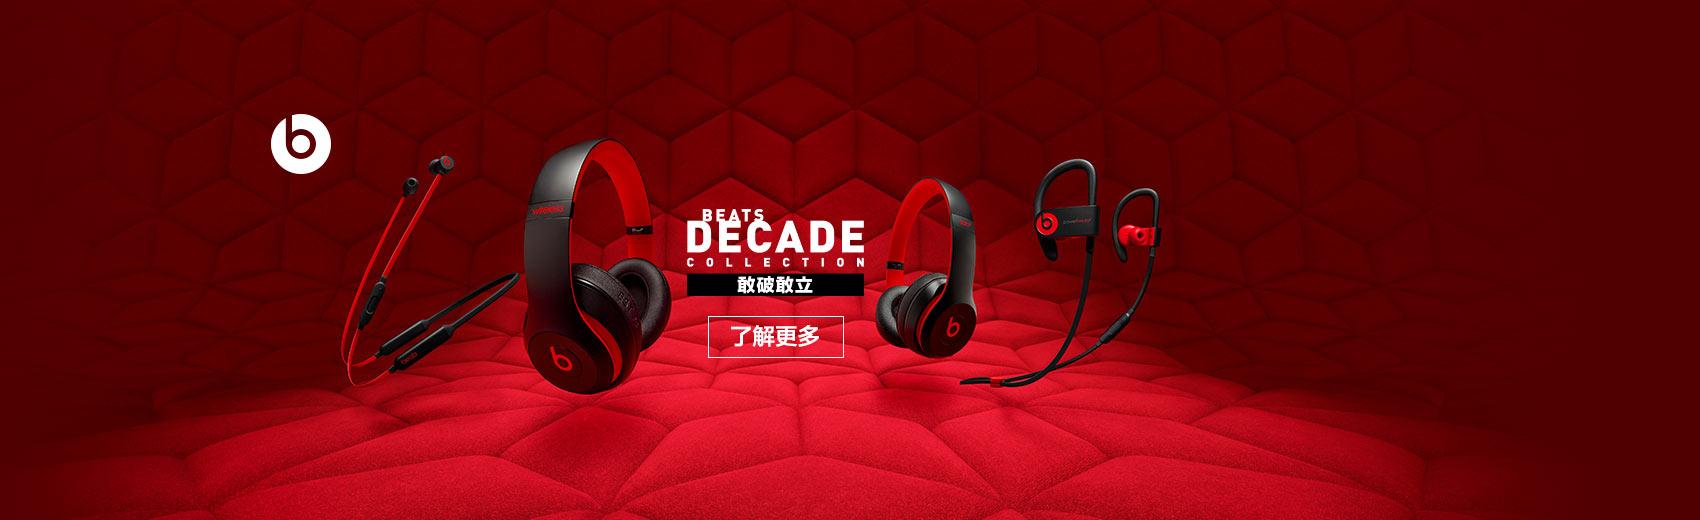 探索Beats 十年故事